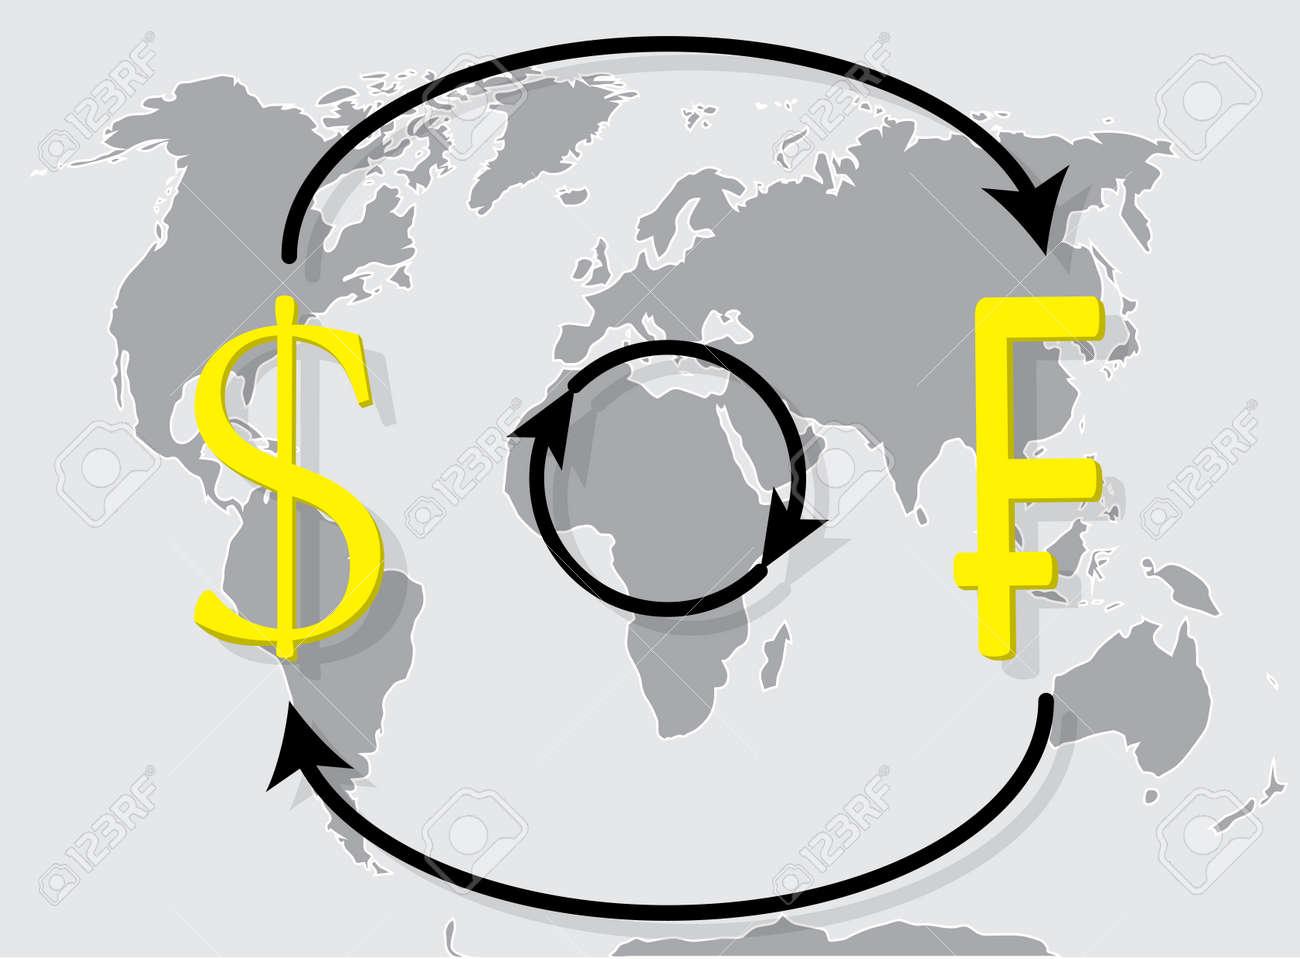 Cambio De Moneda Franco De Dólares En El Mapa Del Mundo De Fondo Tipo De Cambio Y El Intercambio De Dinero Ilustración Vectorial Ilustraciones Vectoriales Clip Art Vectorizado Libre De Derechos Image